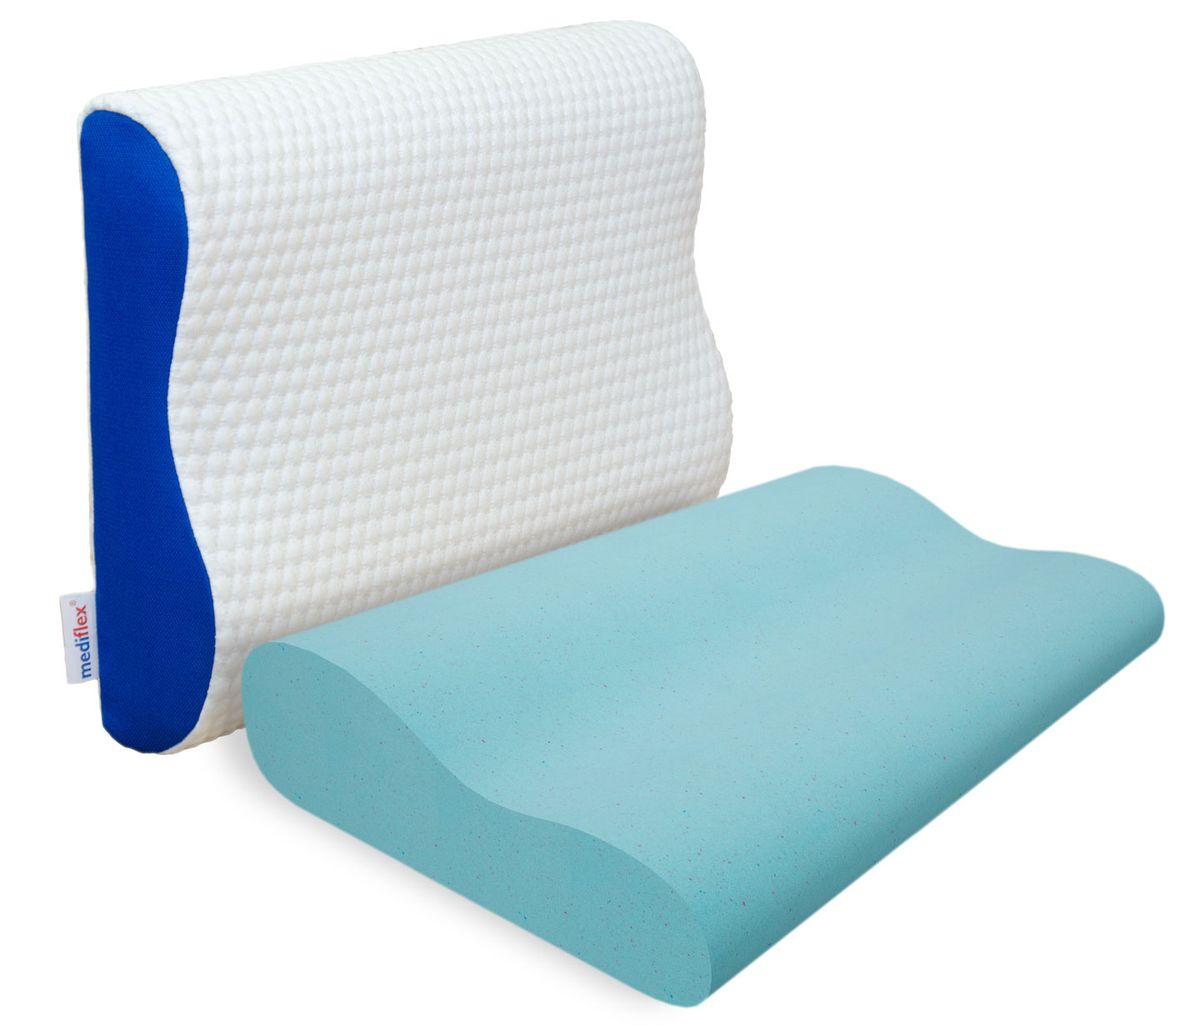 Подушка ортопедическая Mediflex Ergoform, 60 х 40 х 9 см ортопедическая подушка в автомобиль в кировограде